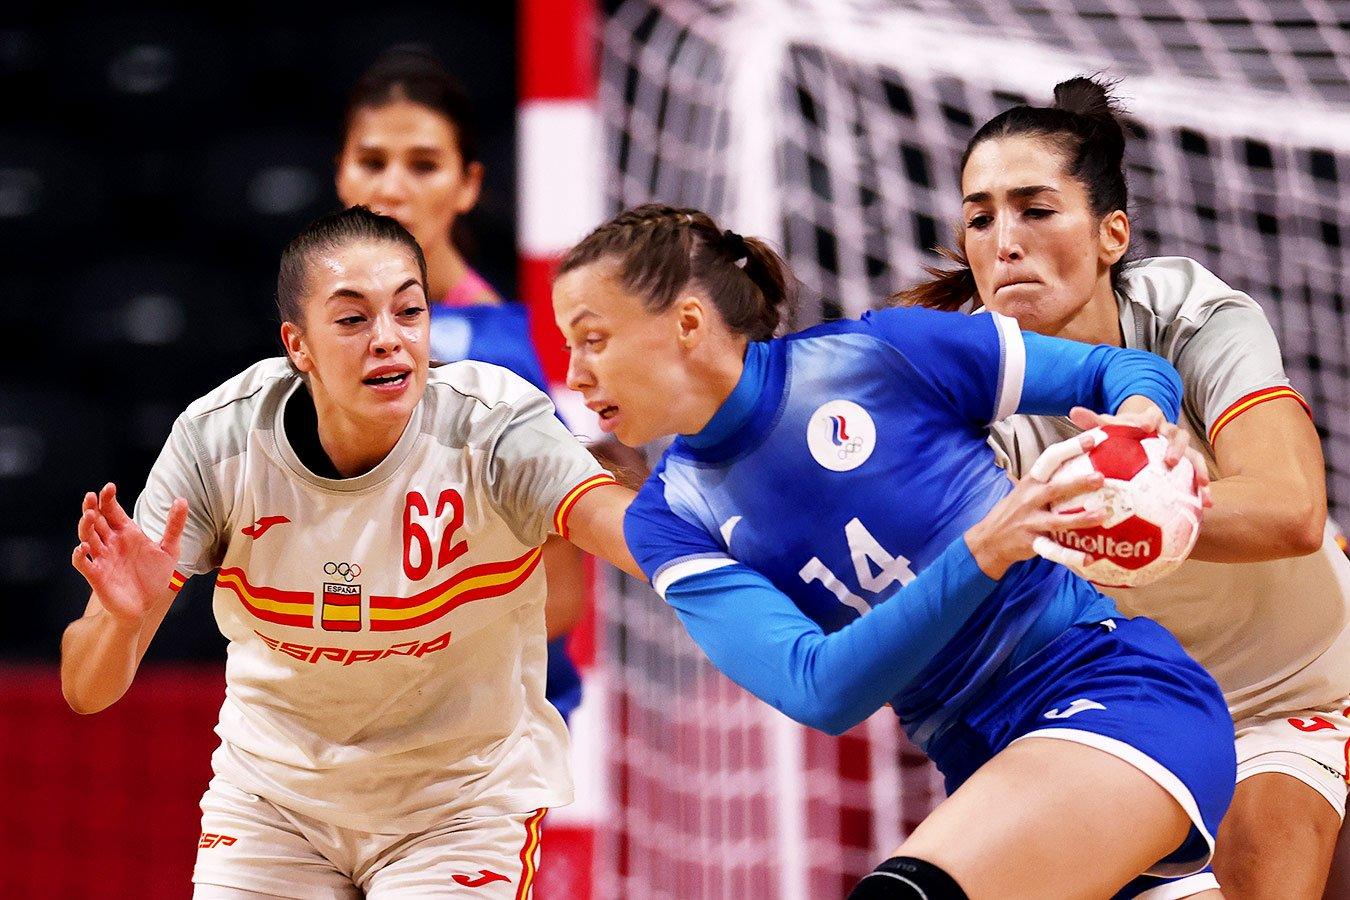 Женская сборная России по гандболу обыграла Испанию и вышла в плей-офф ОИ со второго места